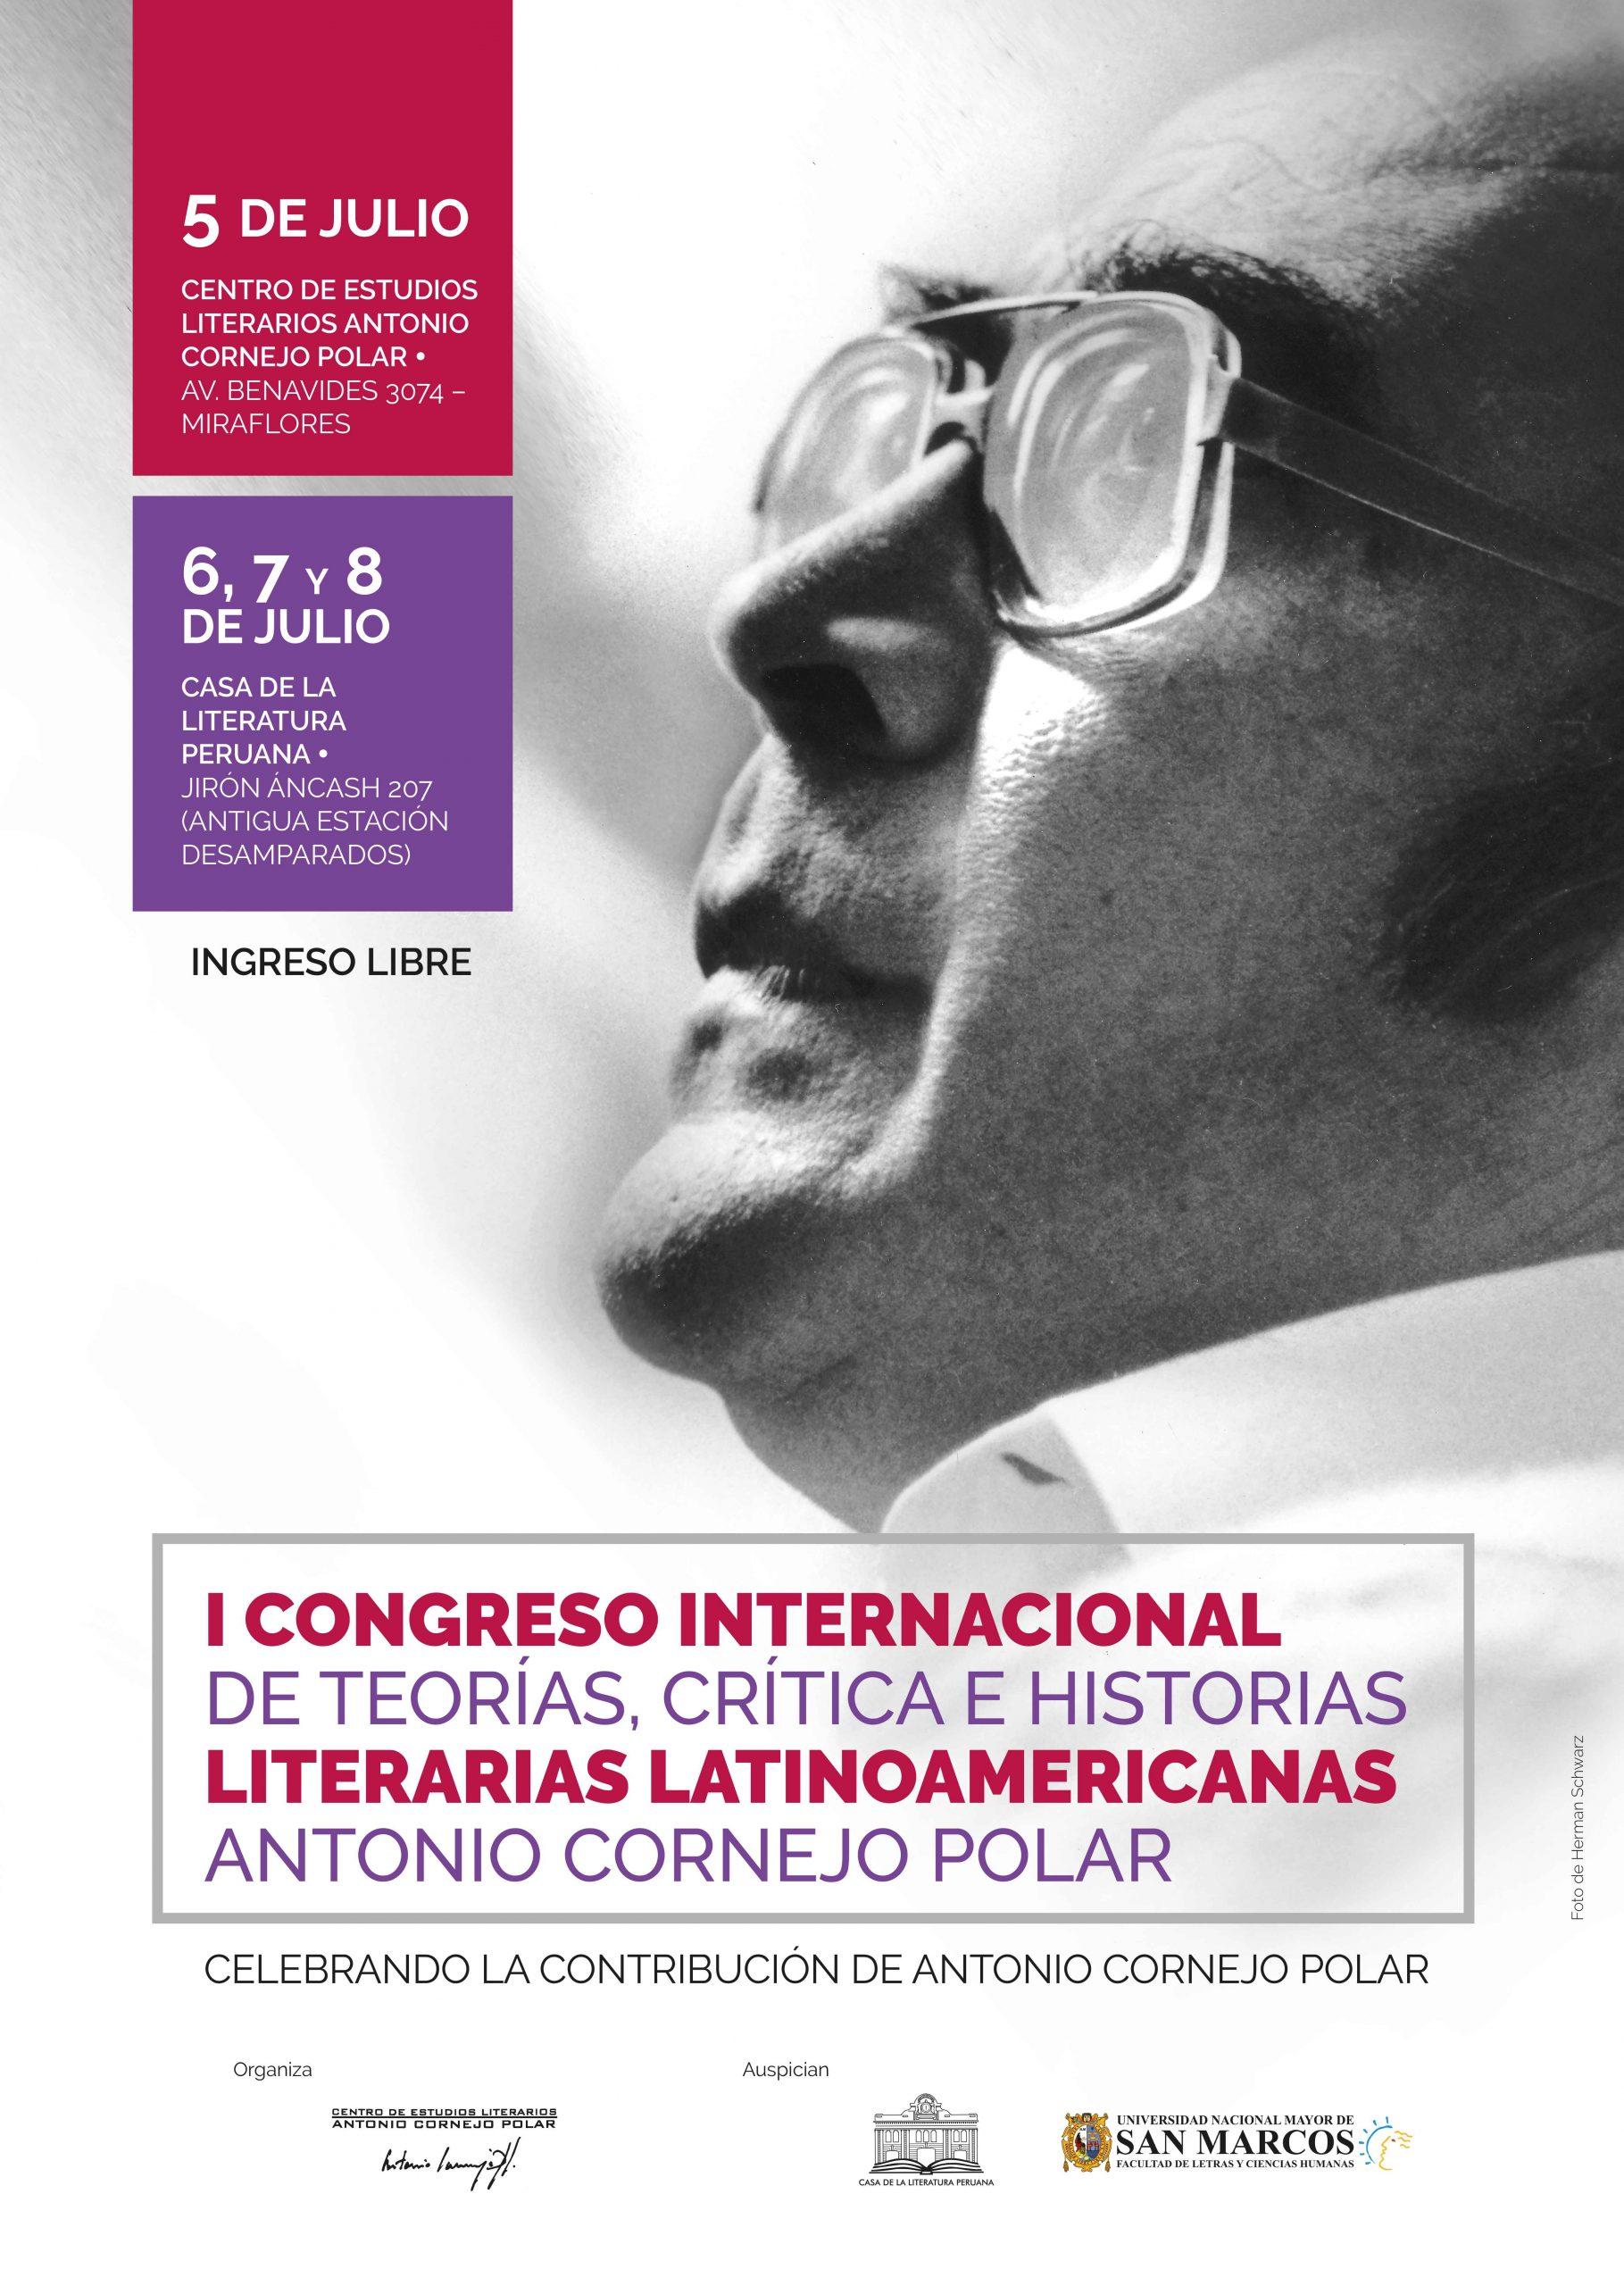 I Congreso Internacional de Teorías, Crítica e Historias Literarias Latinoamericanas